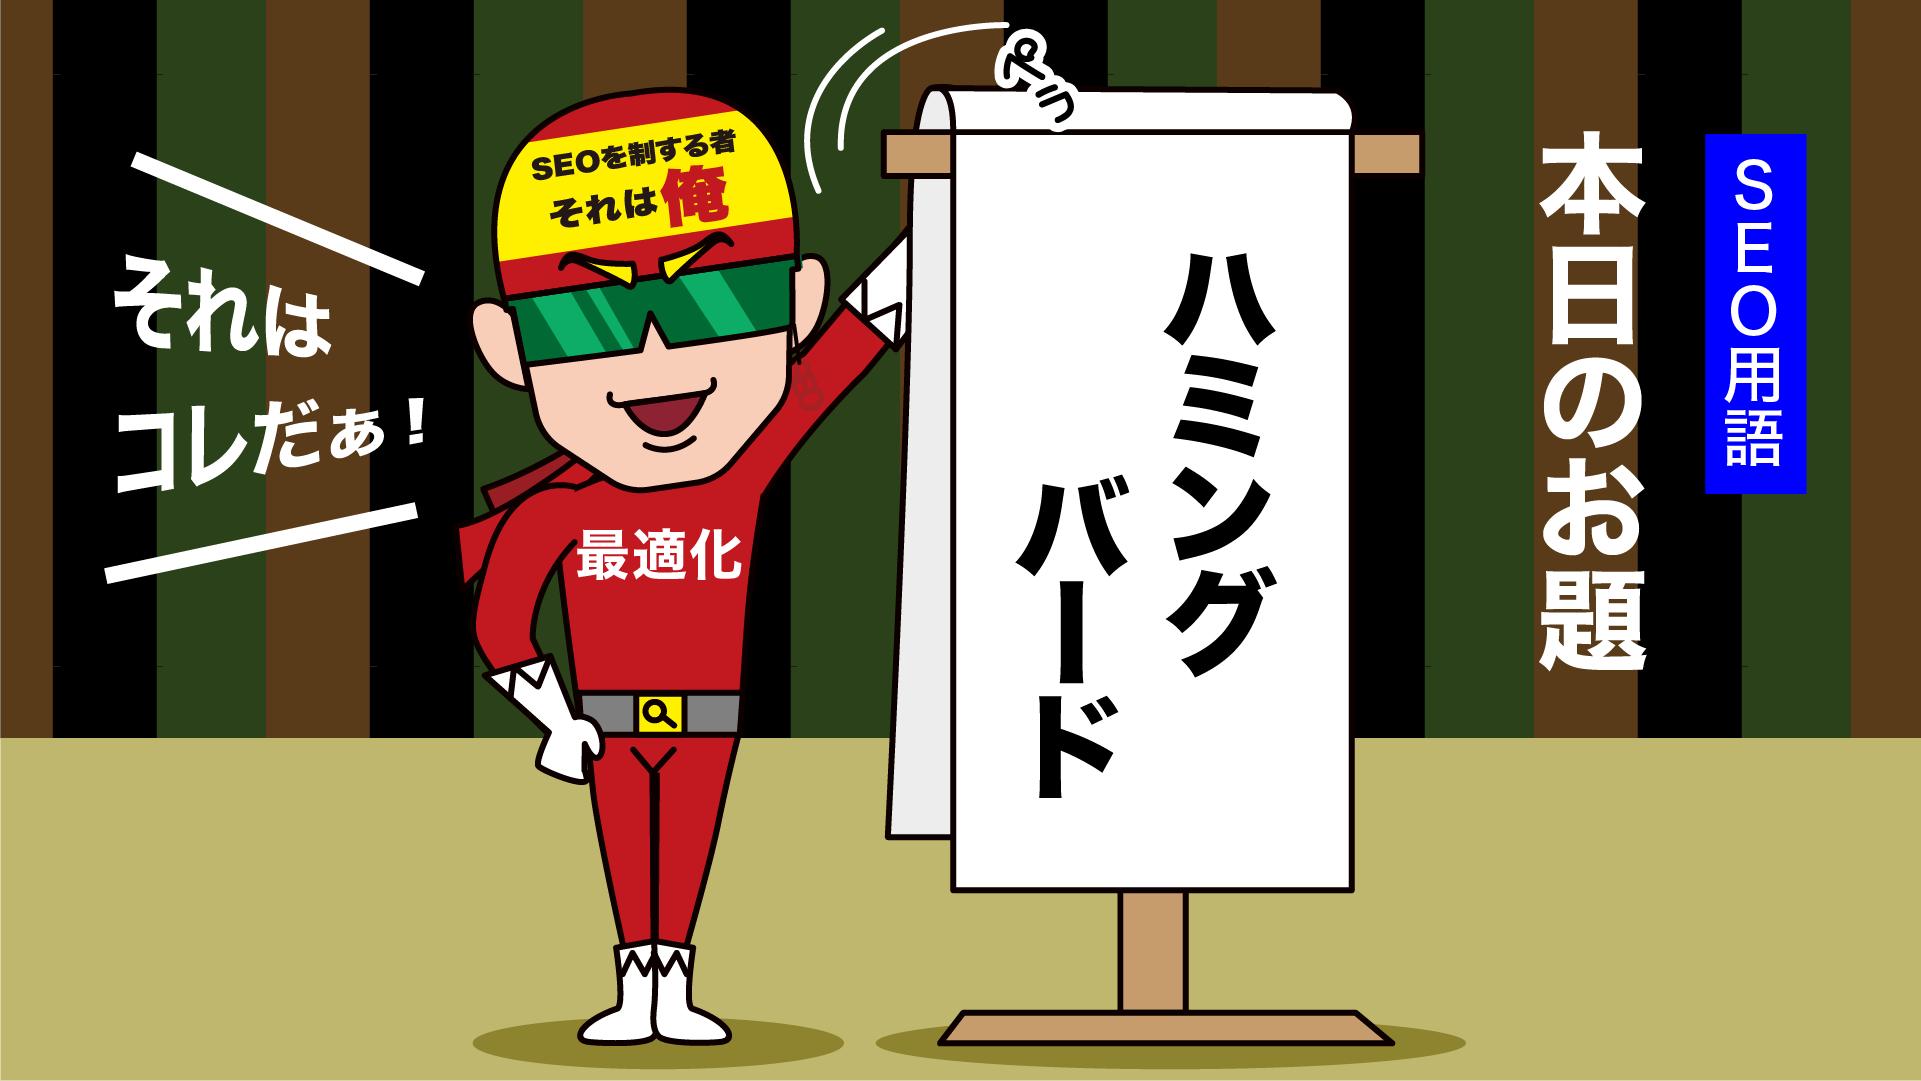 ハミングバード①‐漫画SEO用語集⑤